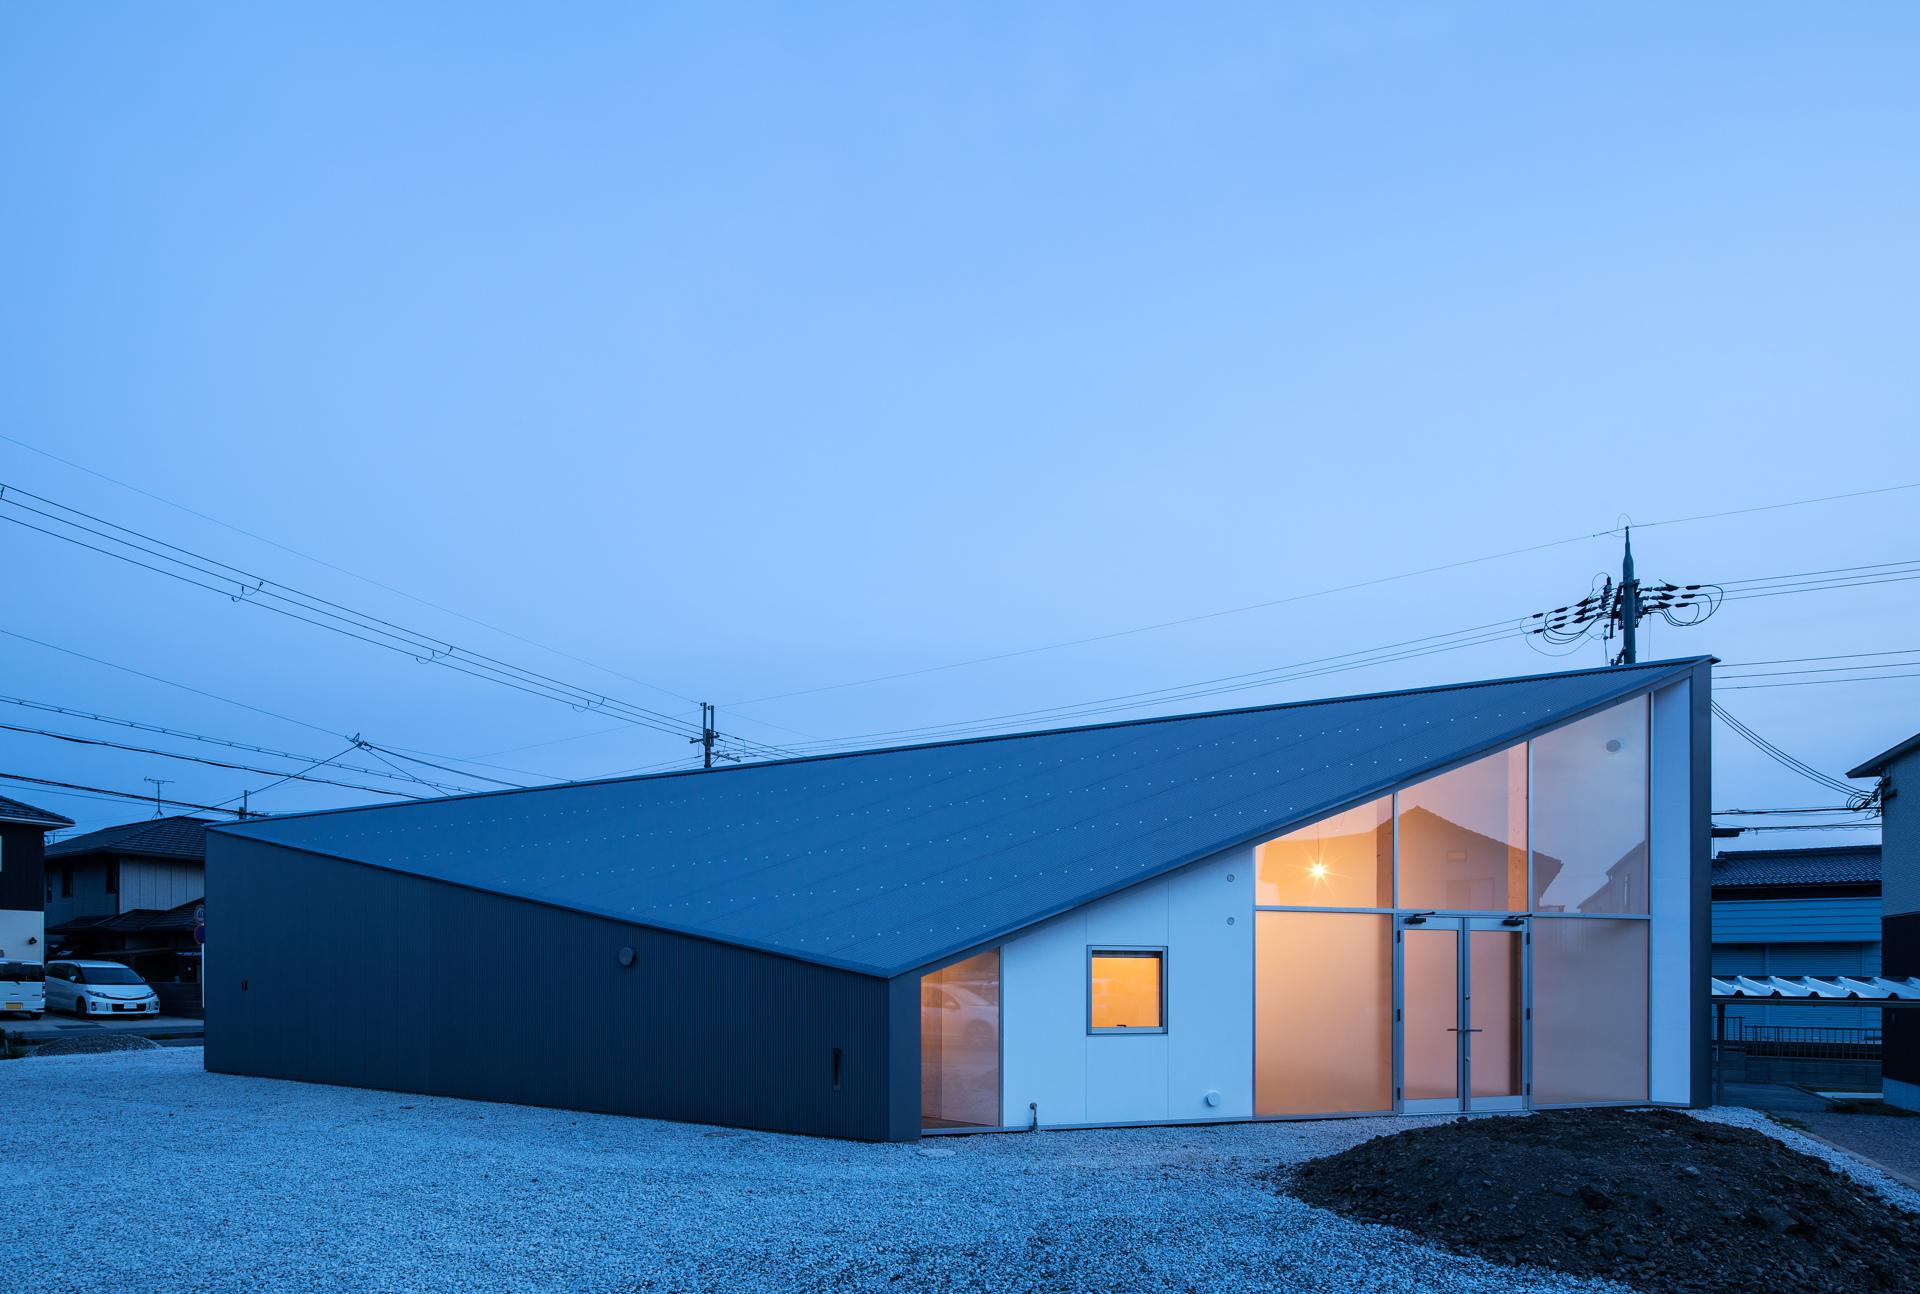 Nhà ở gây thương nhớ với thiết kế lấy cảm hứng từ hình dạng của viên kim cương - Ảnh 1.